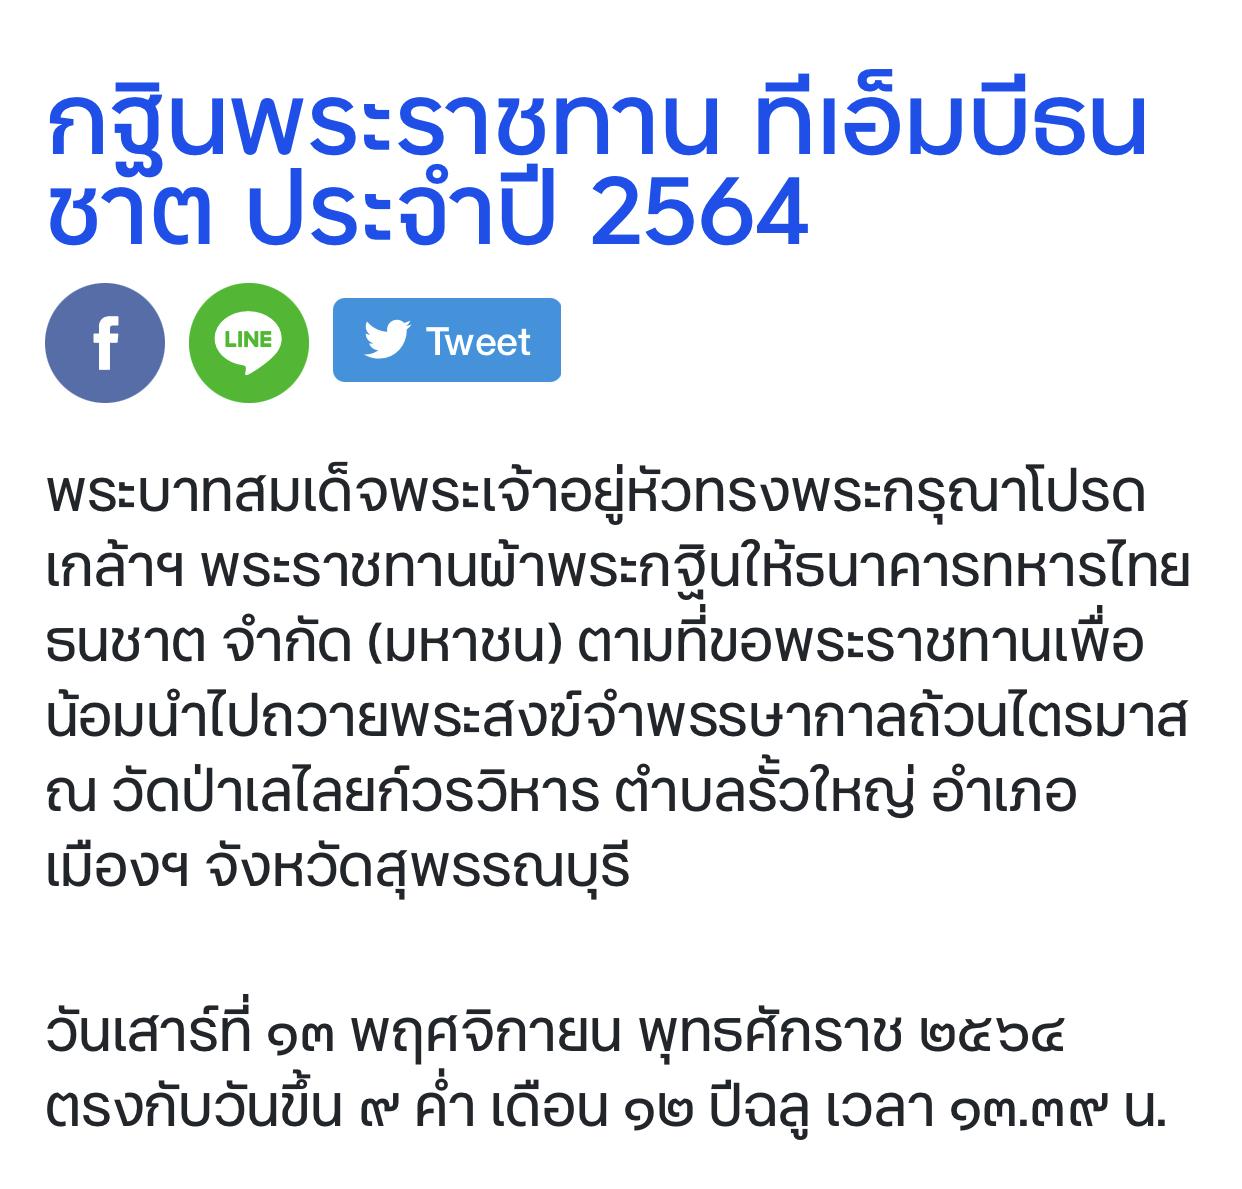 0BFB1717-0EC4-41C7-8291-ED9AC9A6DAEE.jpeg